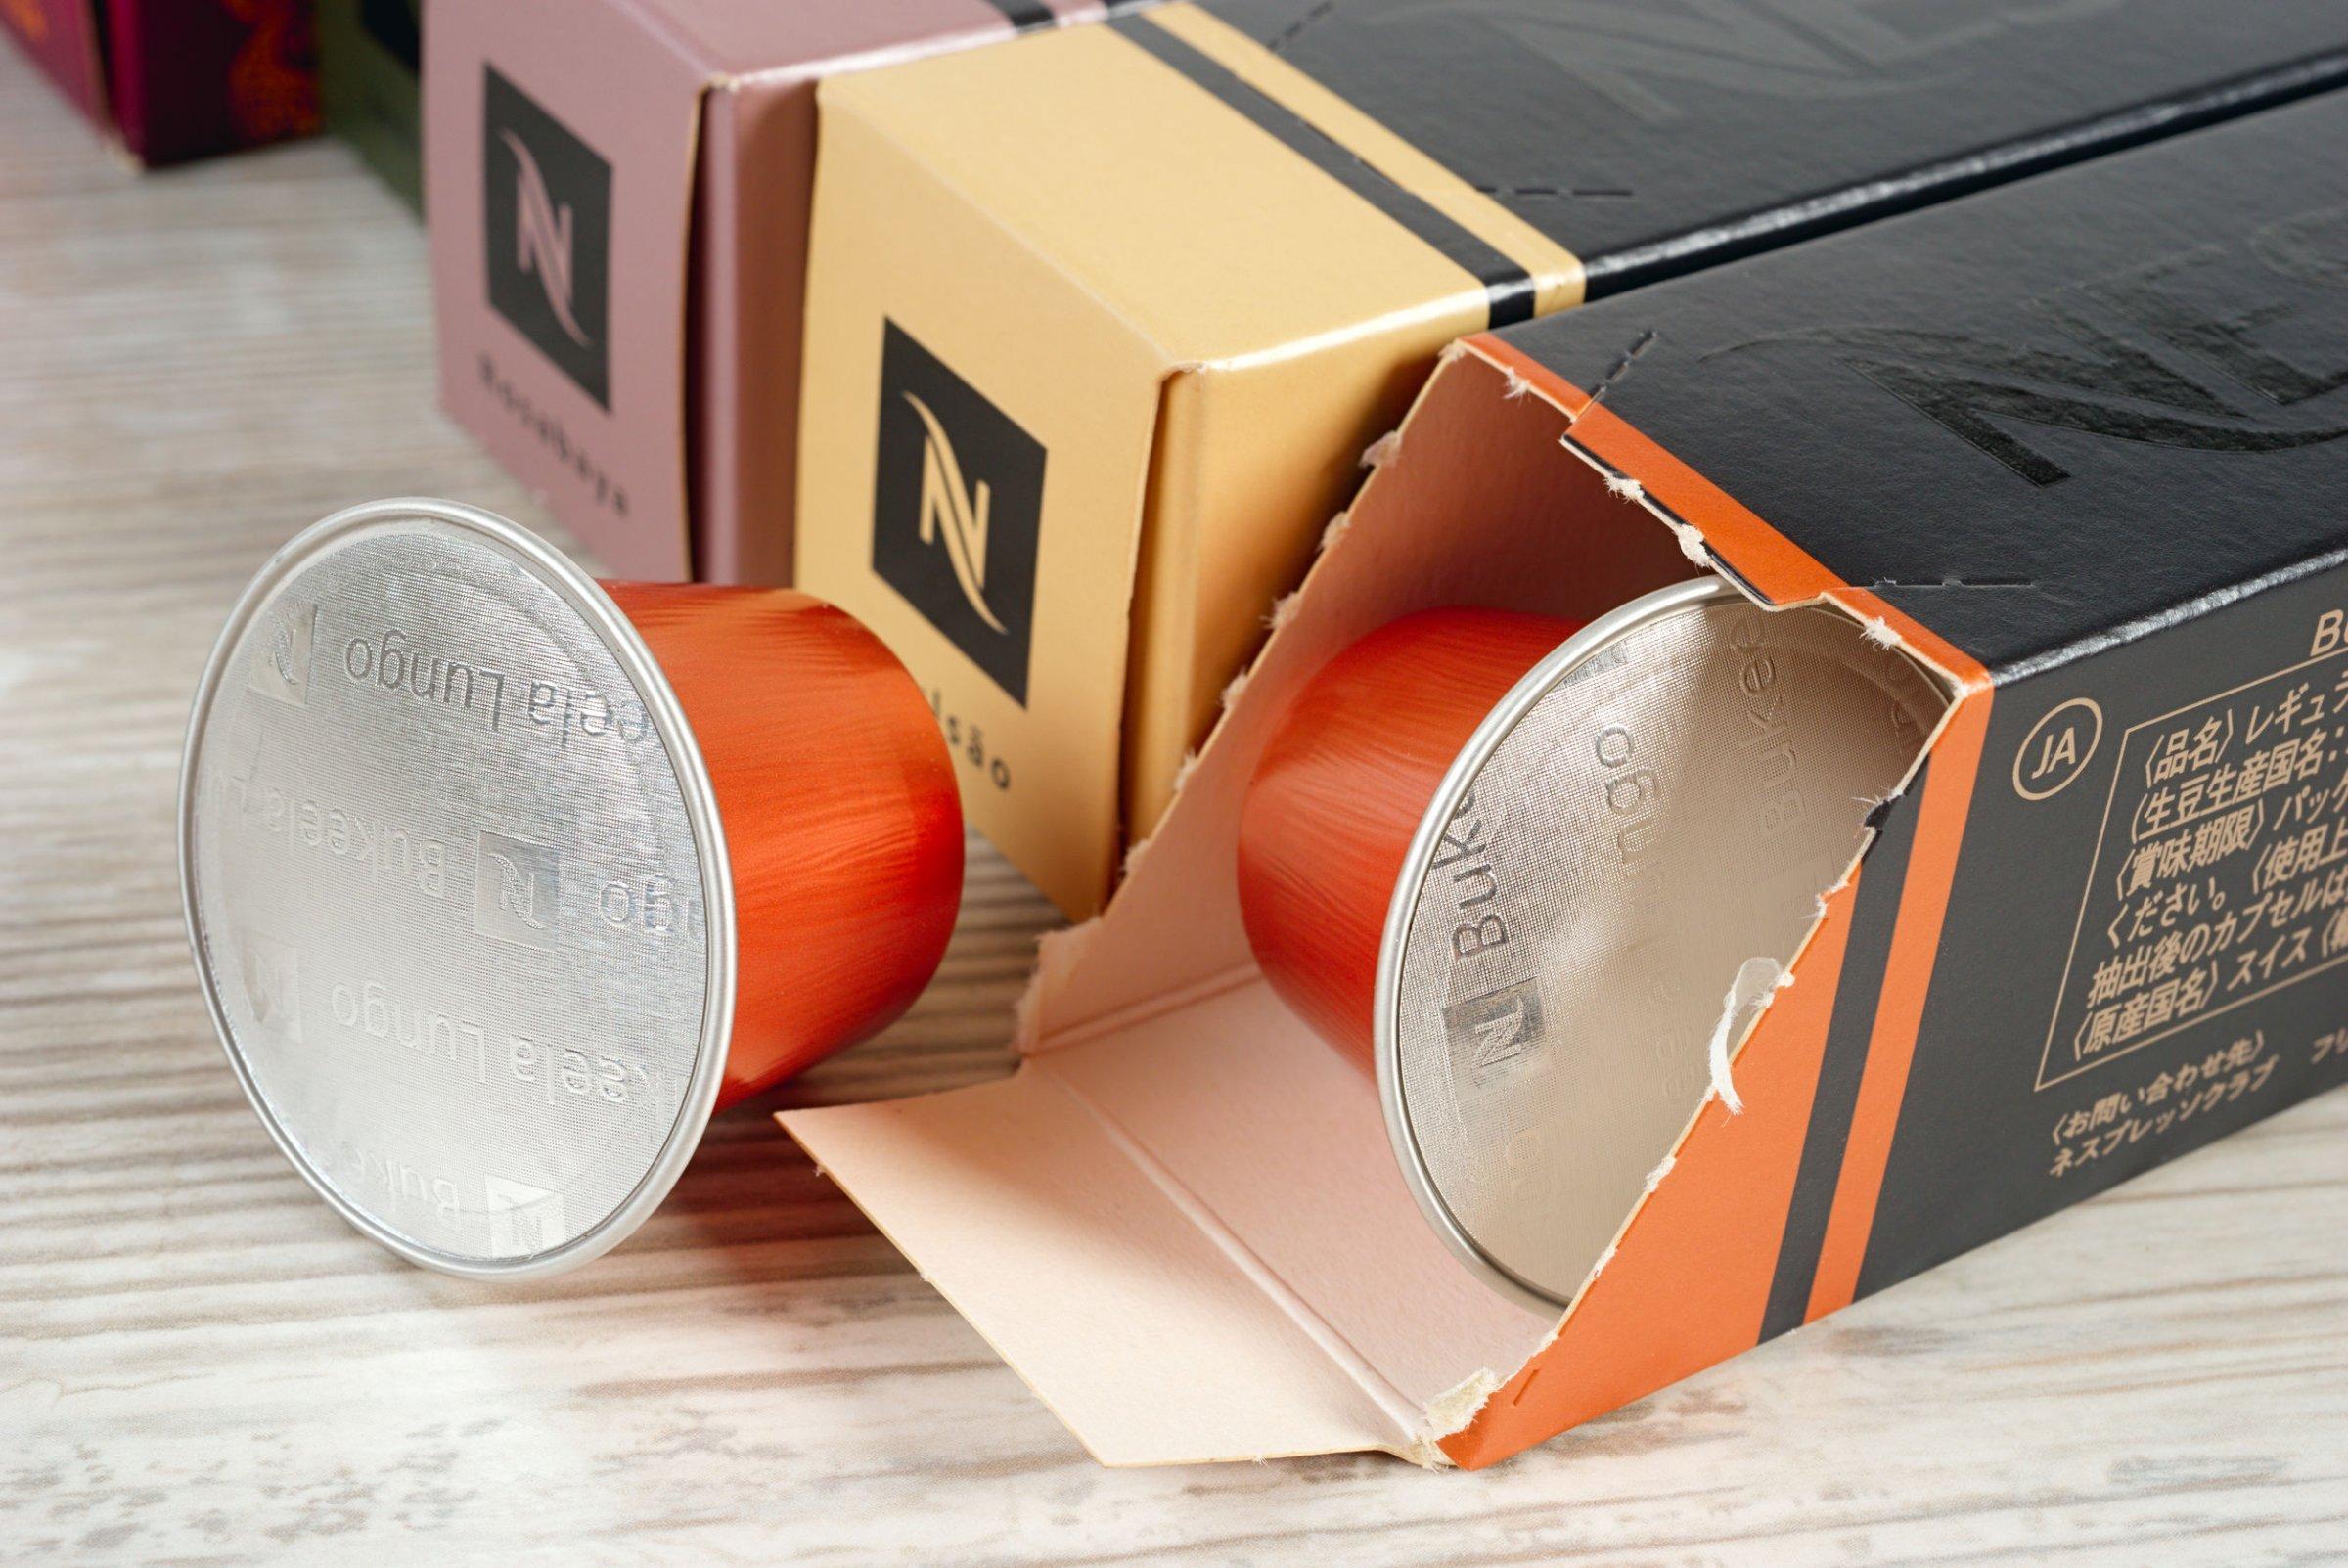 nespresso genanvender forbrugernes kaffekapsler. Black Bedroom Furniture Sets. Home Design Ideas